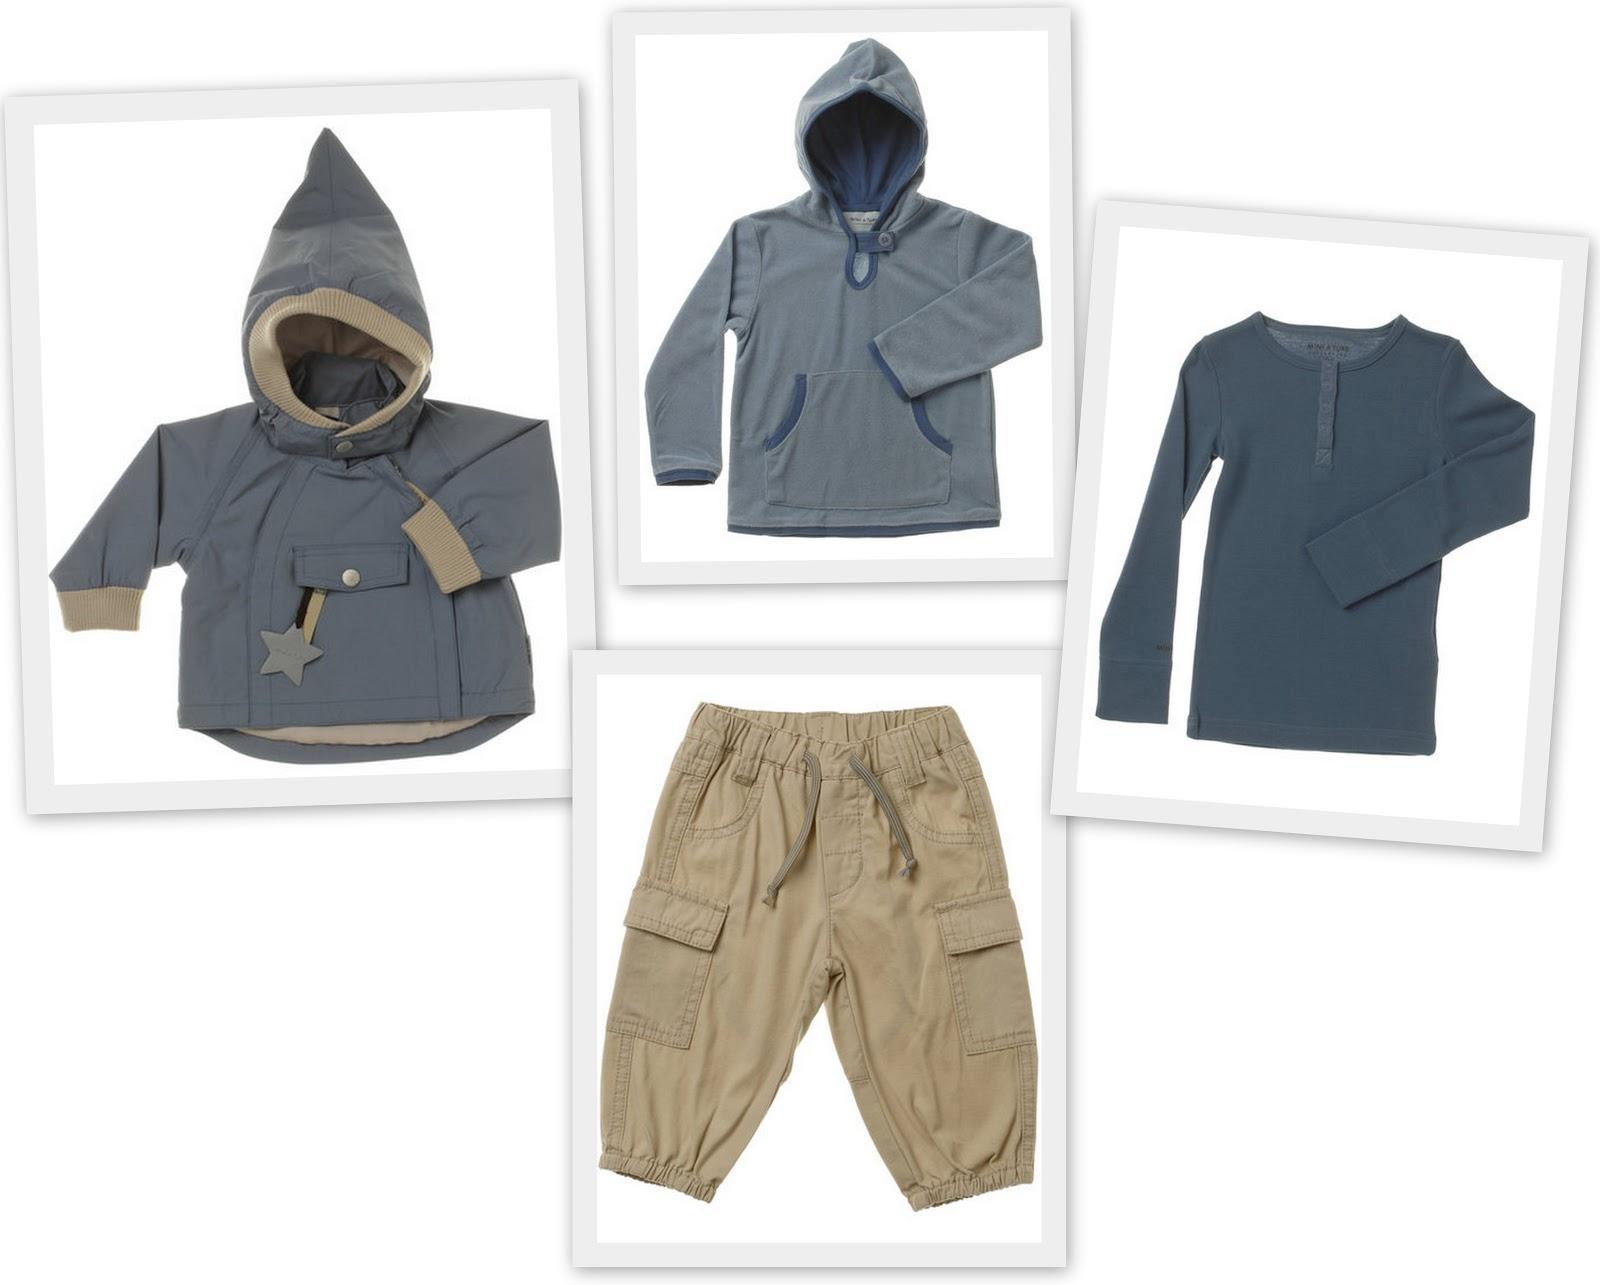 25e0254e MINI A TURE jakke – 599,75 kr. // MINI A TURE sweatshirt – 329,75 kr. //